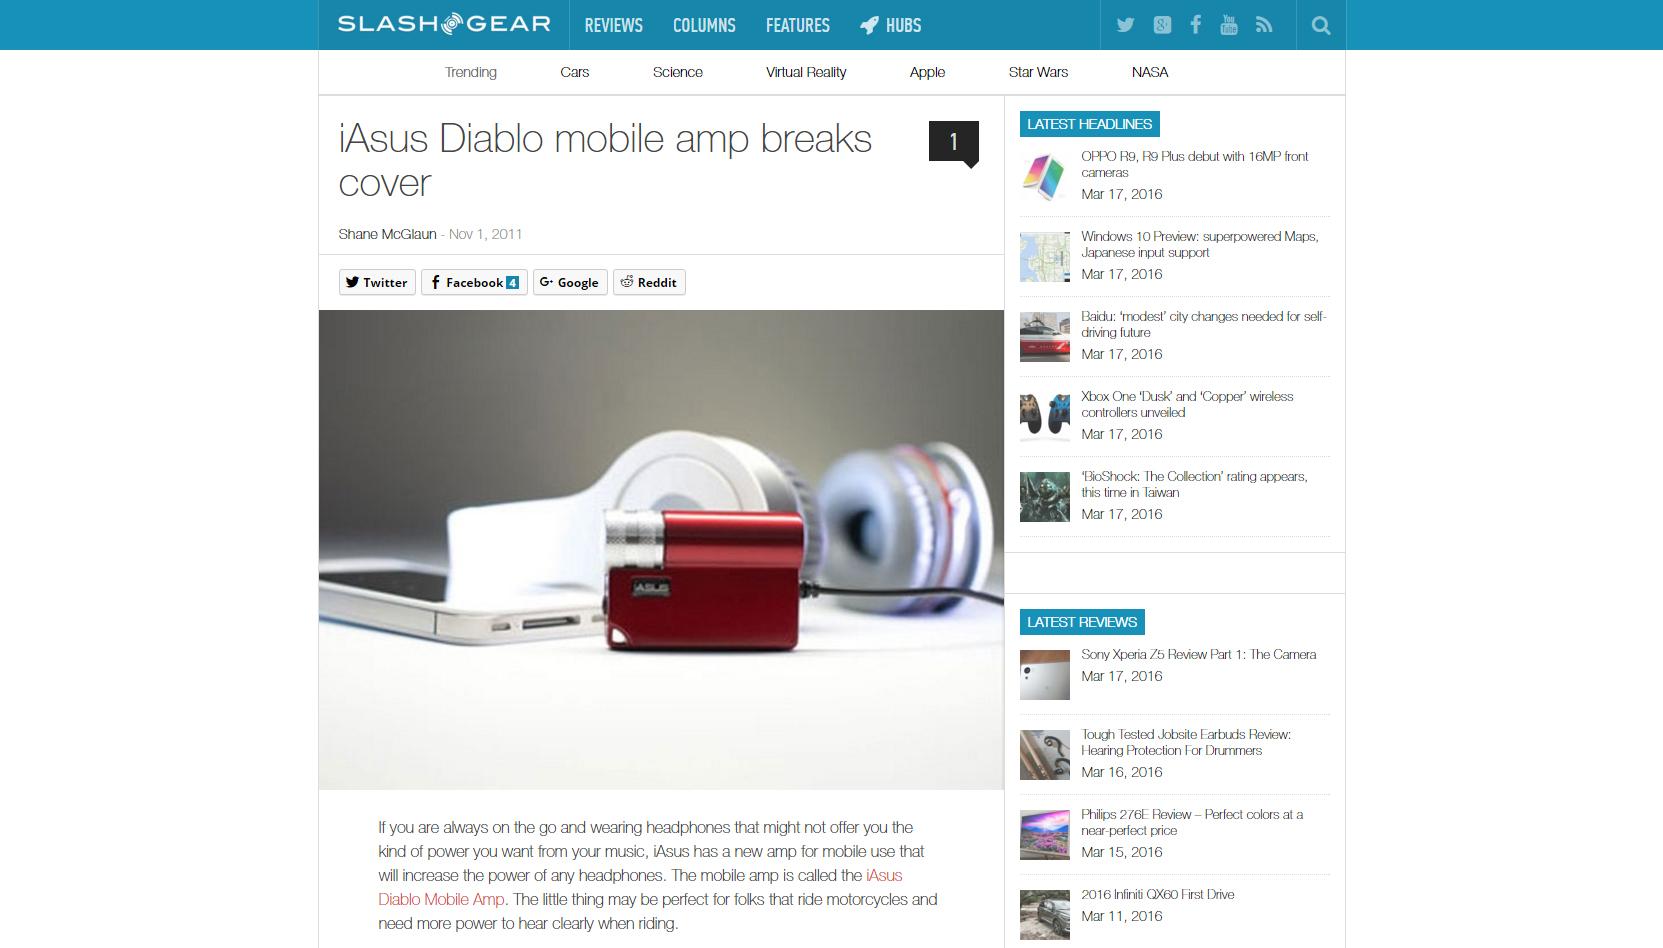 Diablo Mobile Amp on Slash Gear